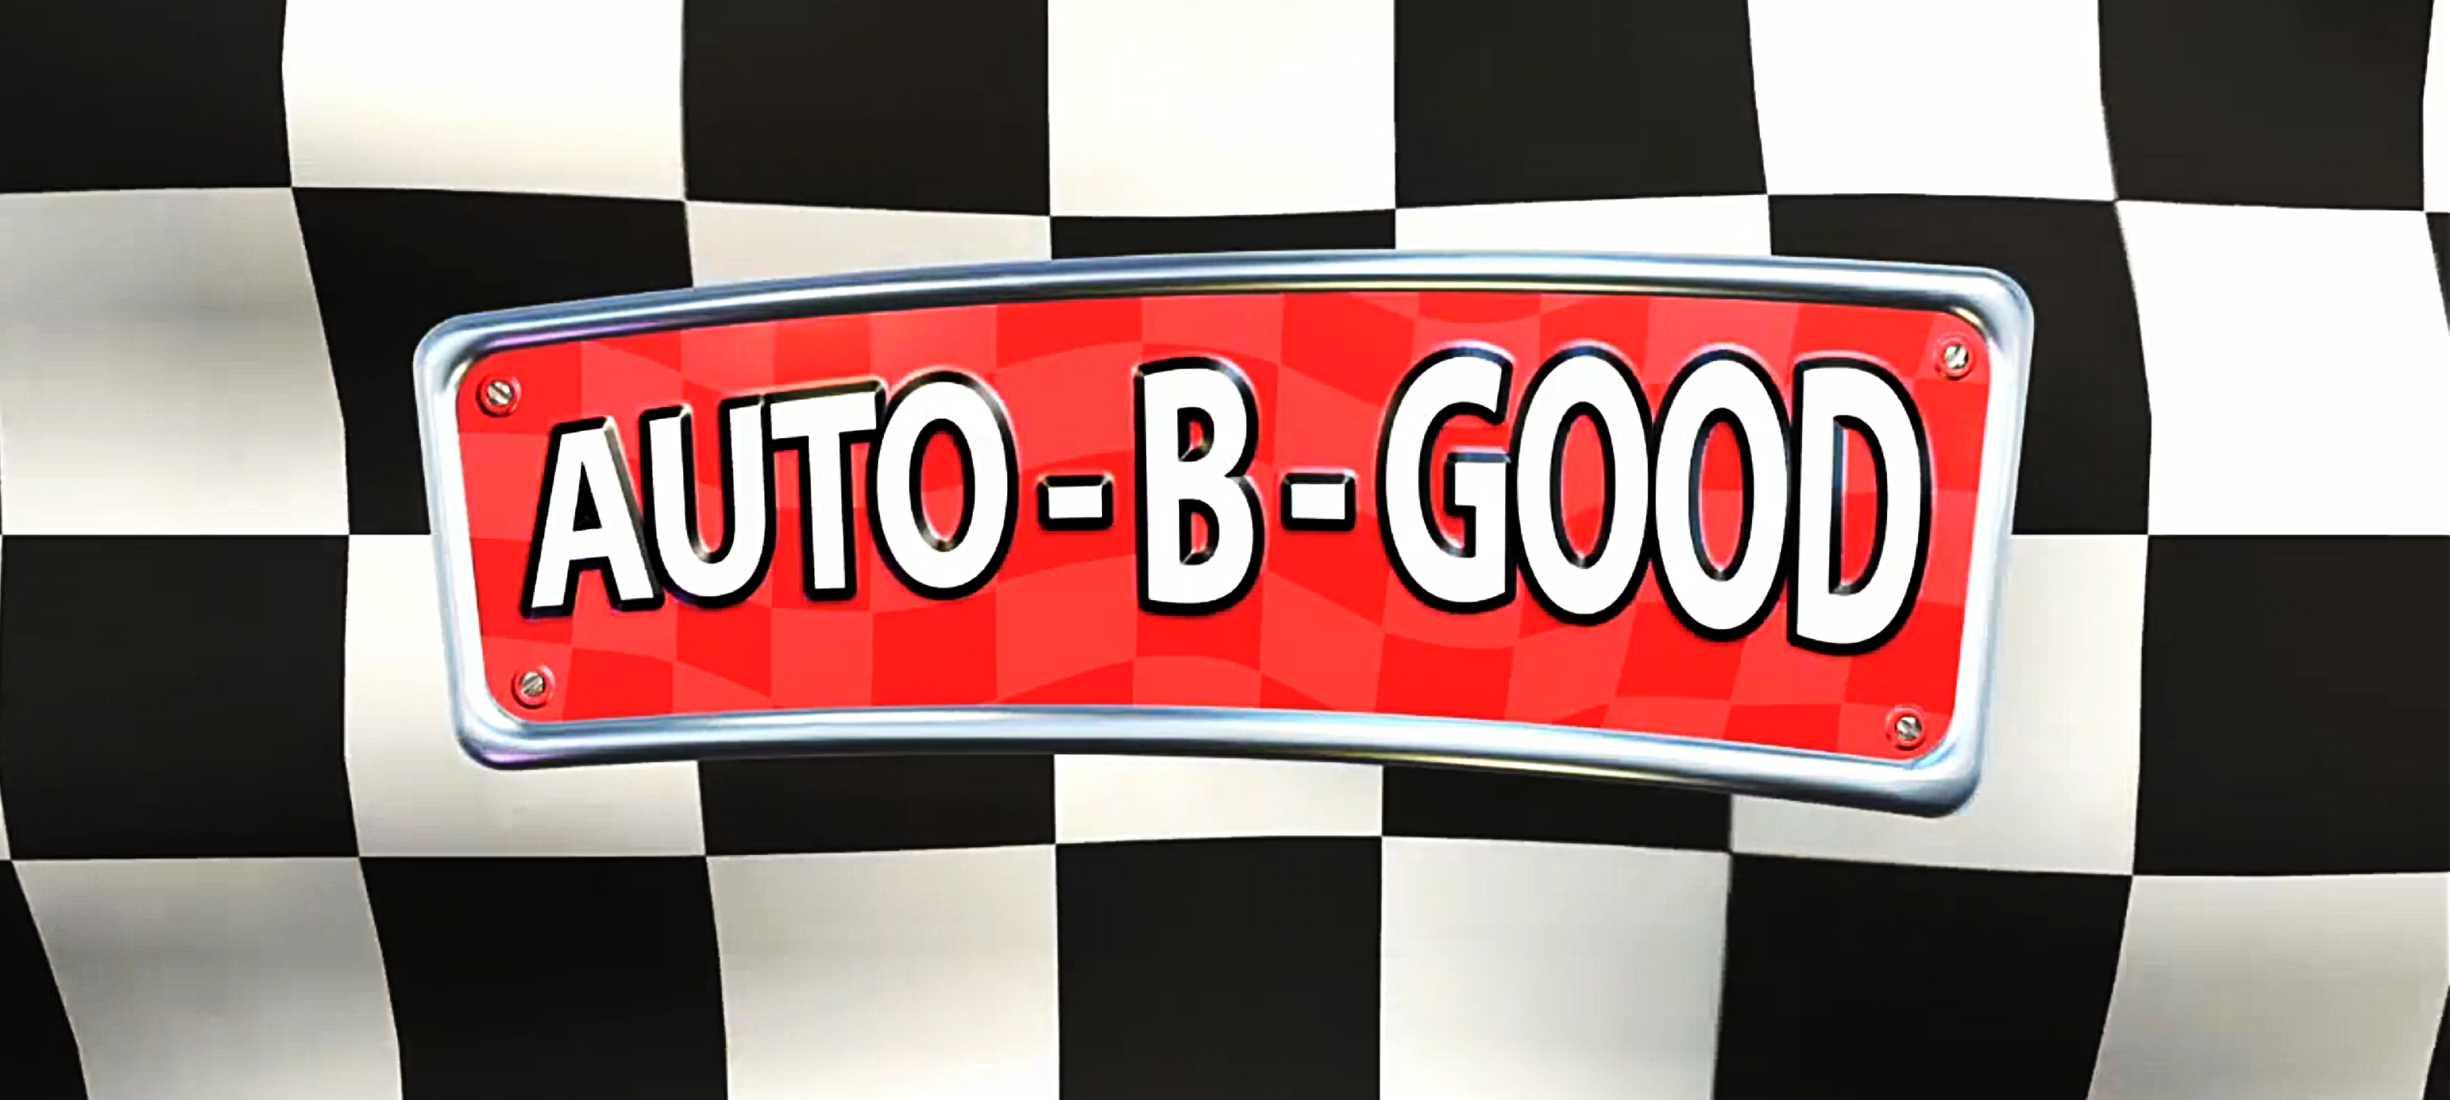 Auto B Good  (Season 1)